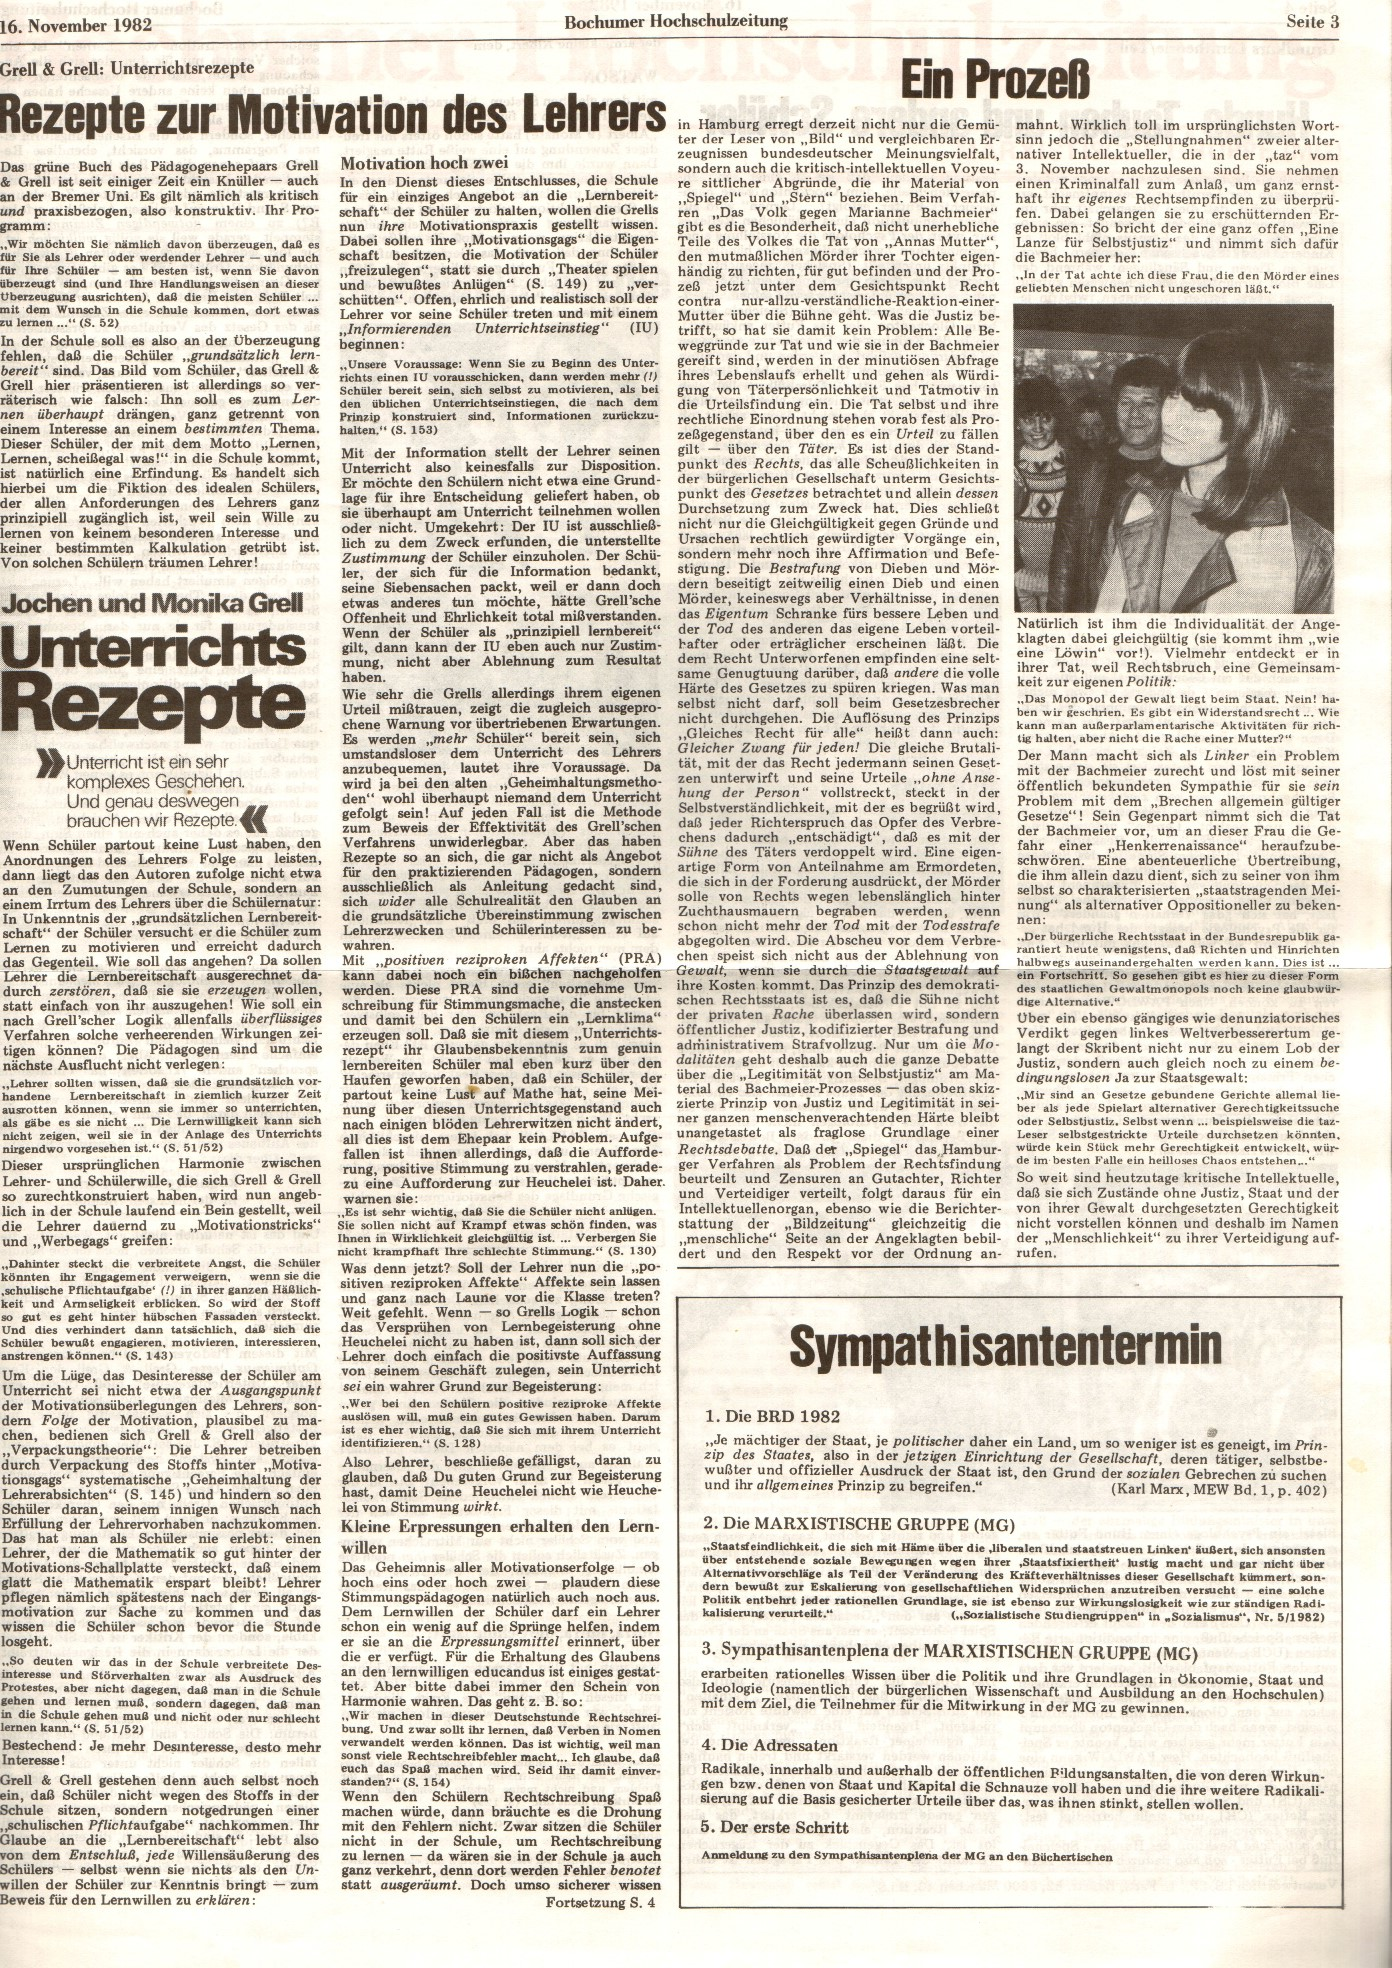 MG_Bochumer_Hochschulzeitung_19821116_03